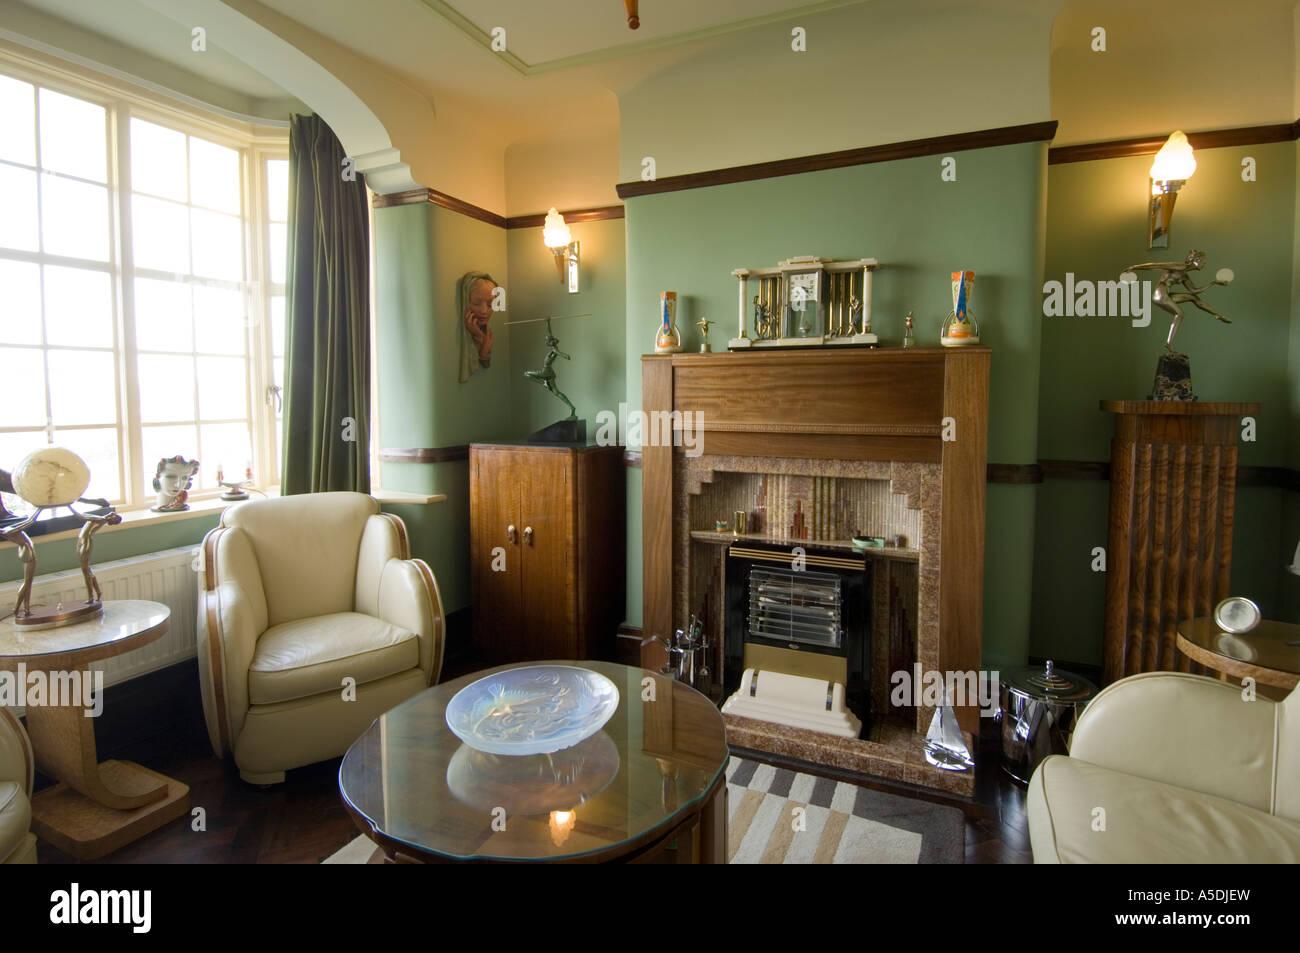 renoviertes Art-Deco Jugendstil 1930 s Haus innen Lounge Wohnzimmer ...